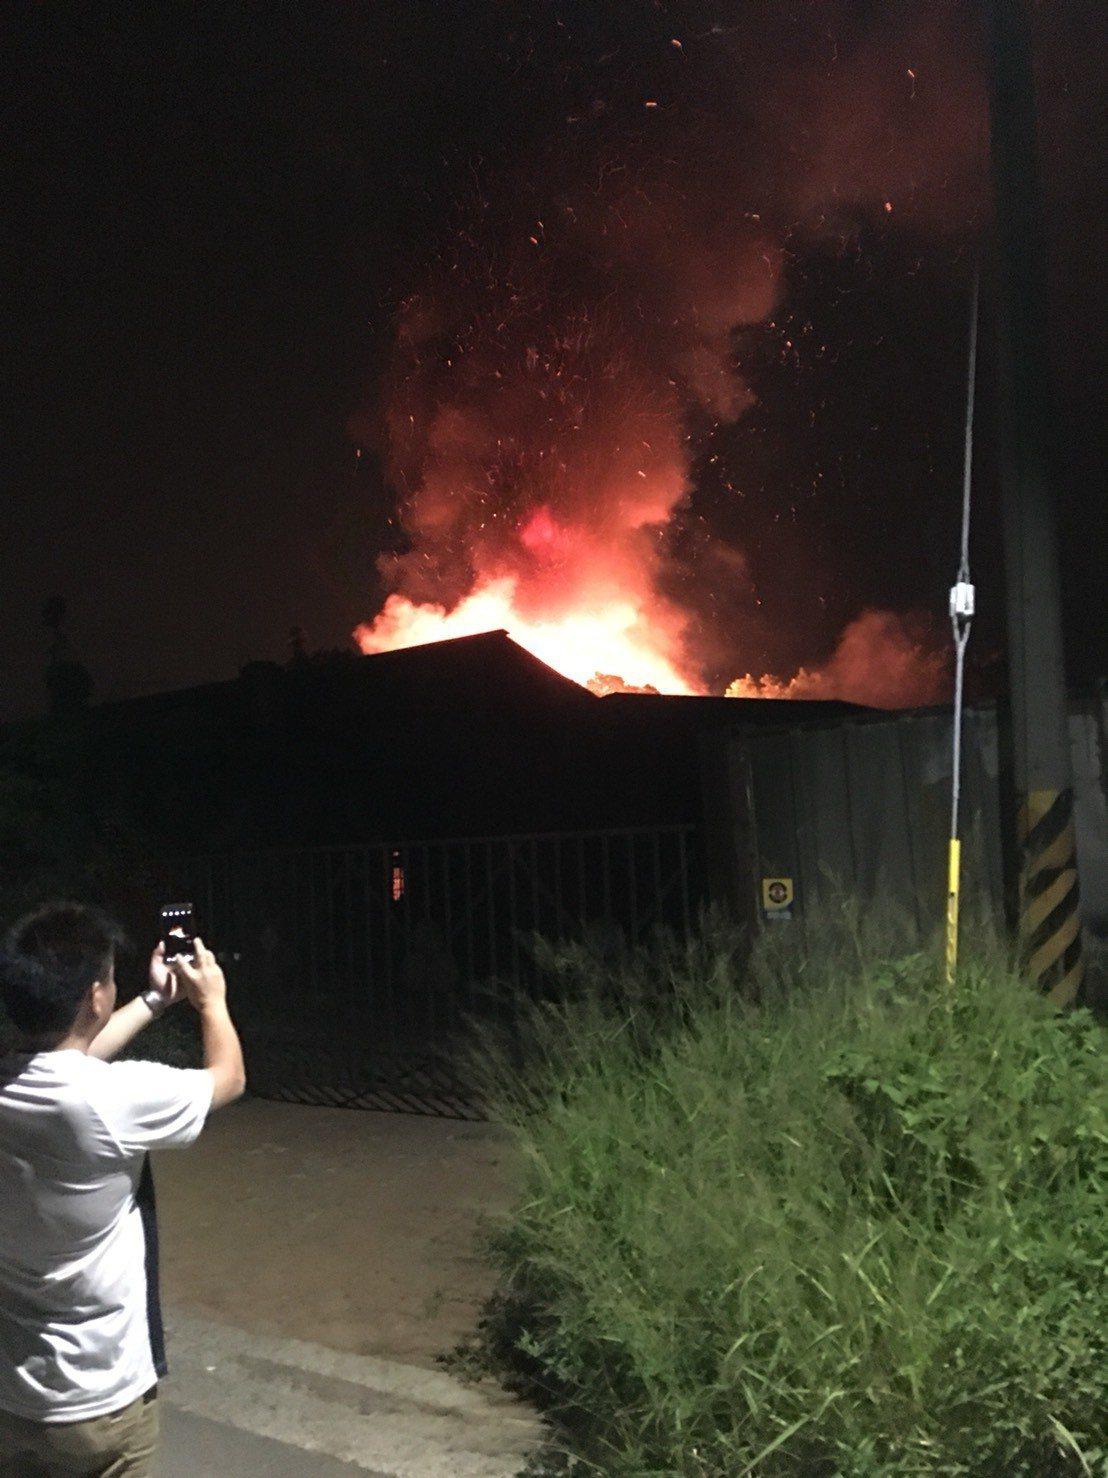 苗栗縣苑裡鎮大興路的「鐵工莊園」餐廳,昨天深夜11點40分左右發生大火。圖/孟文...